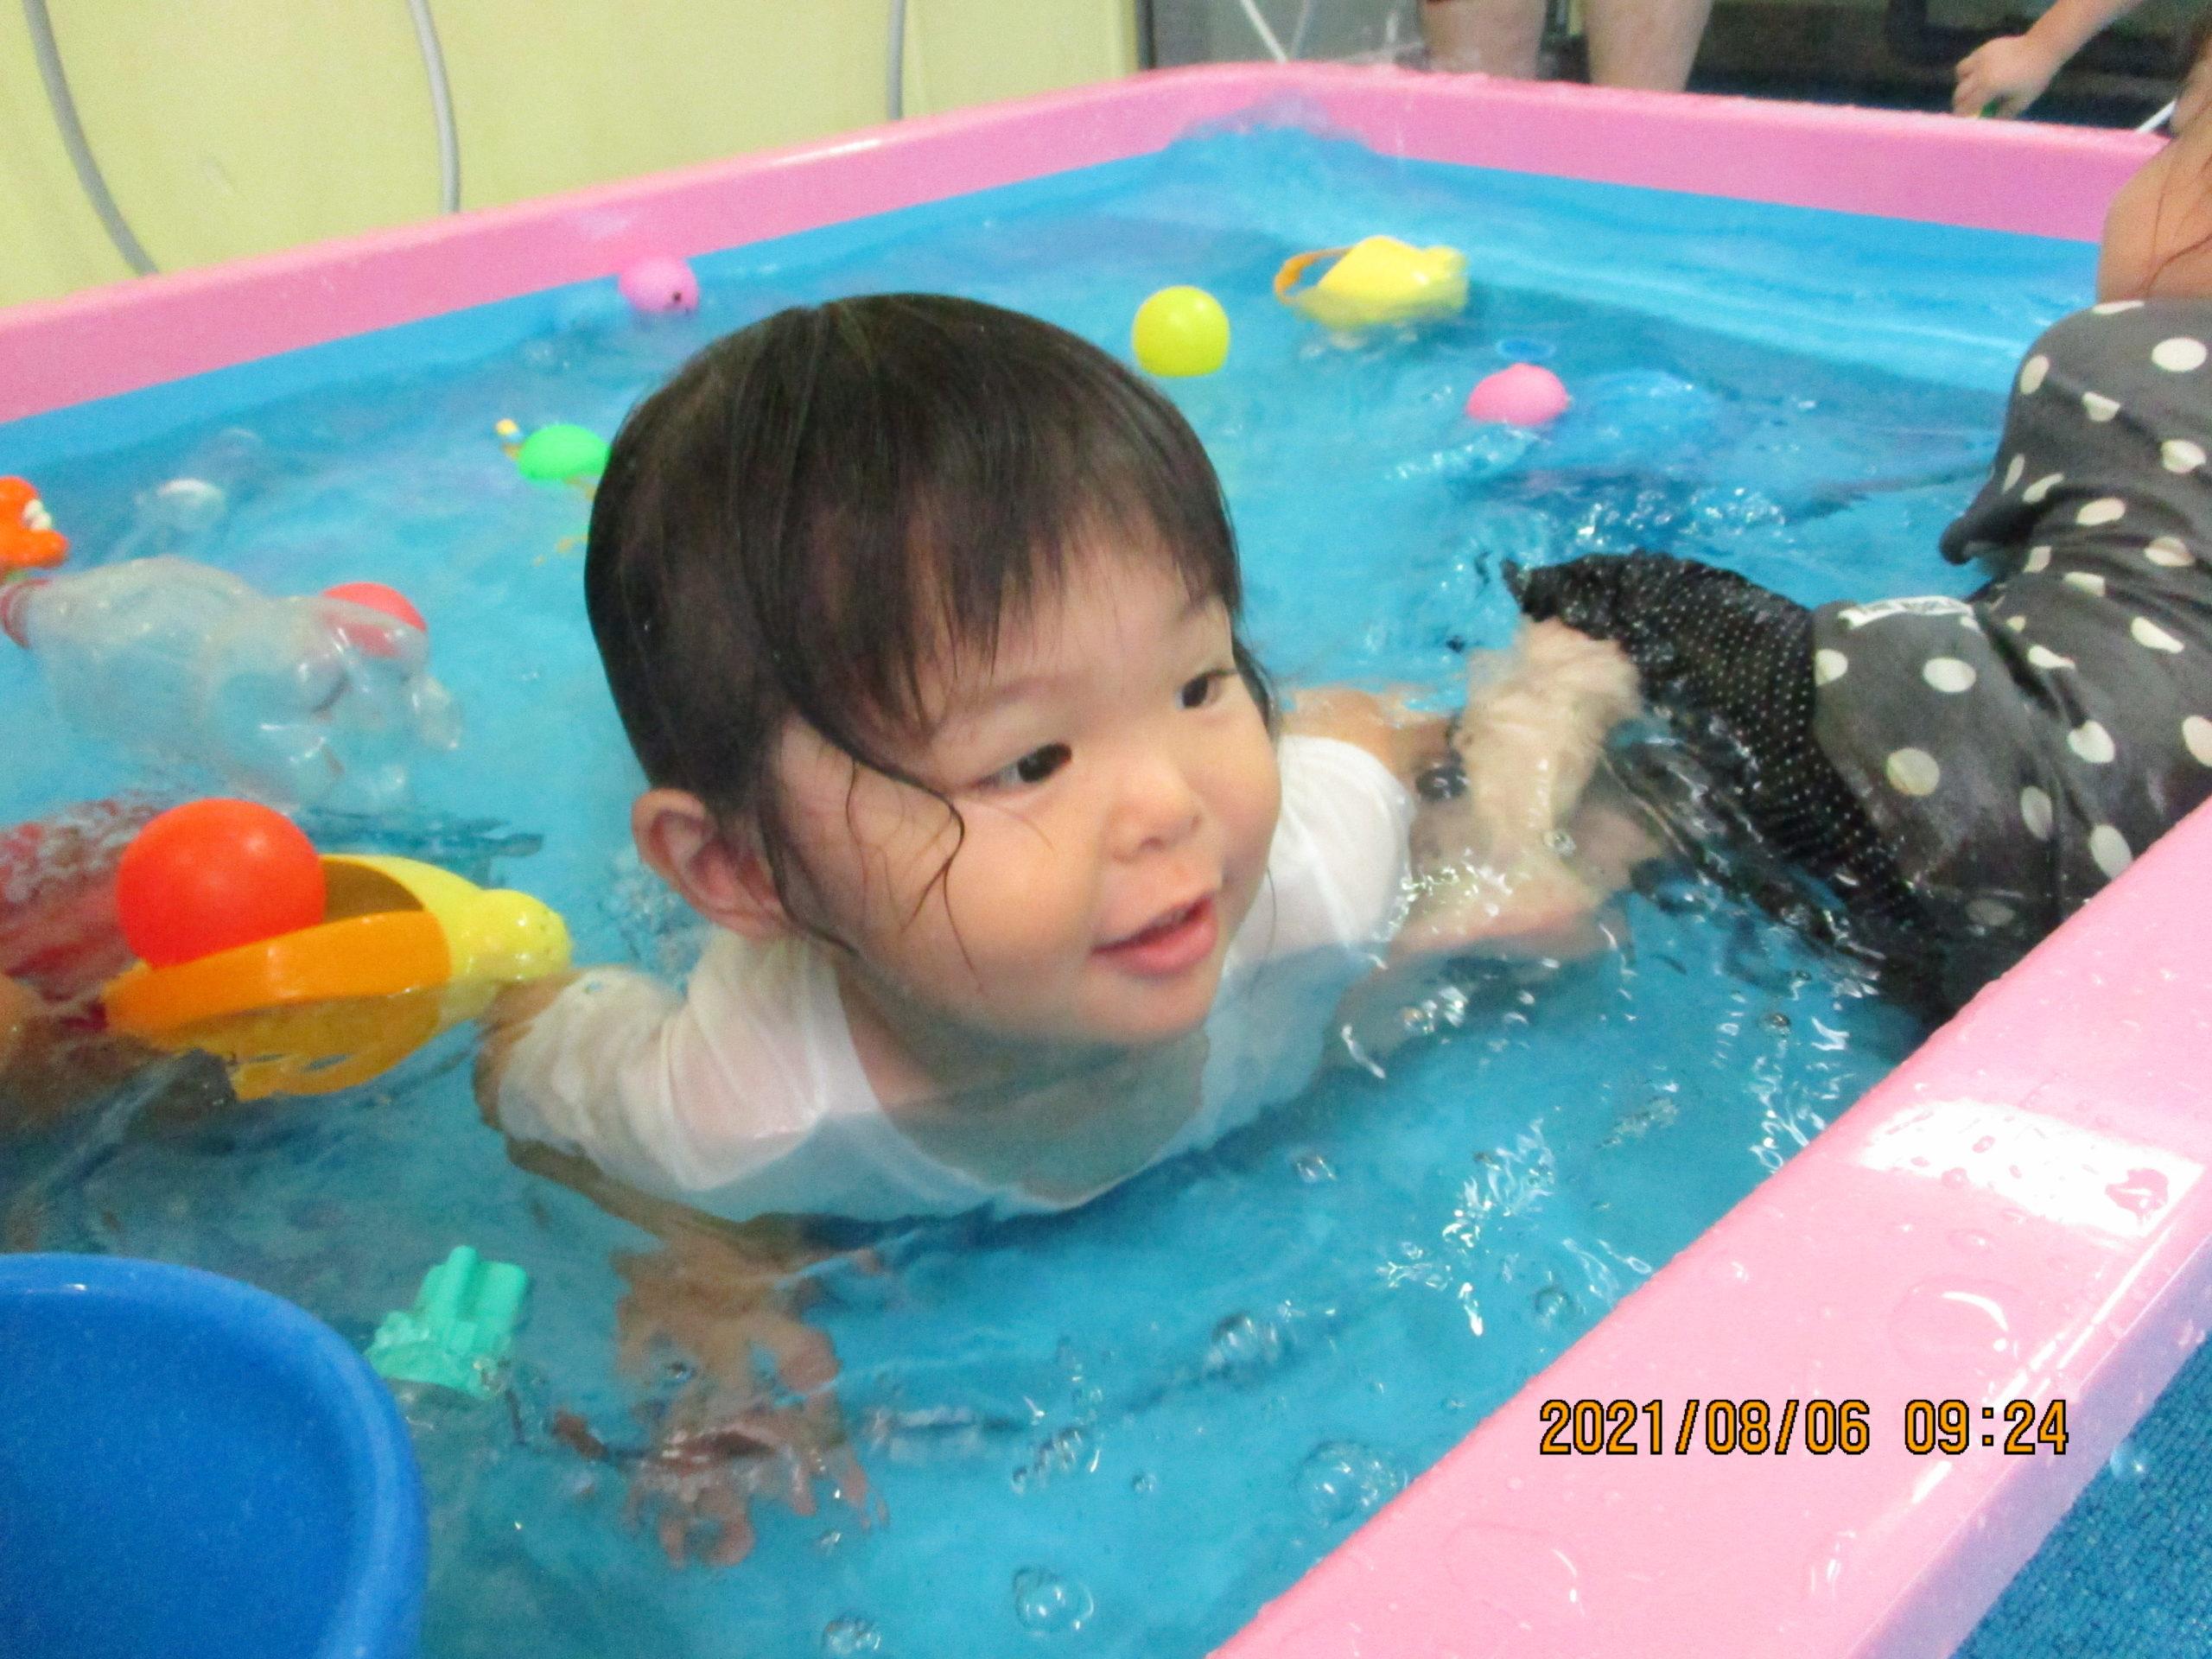 プールで水遊びをしました😄 わかば組 【白根そよ風保育園】